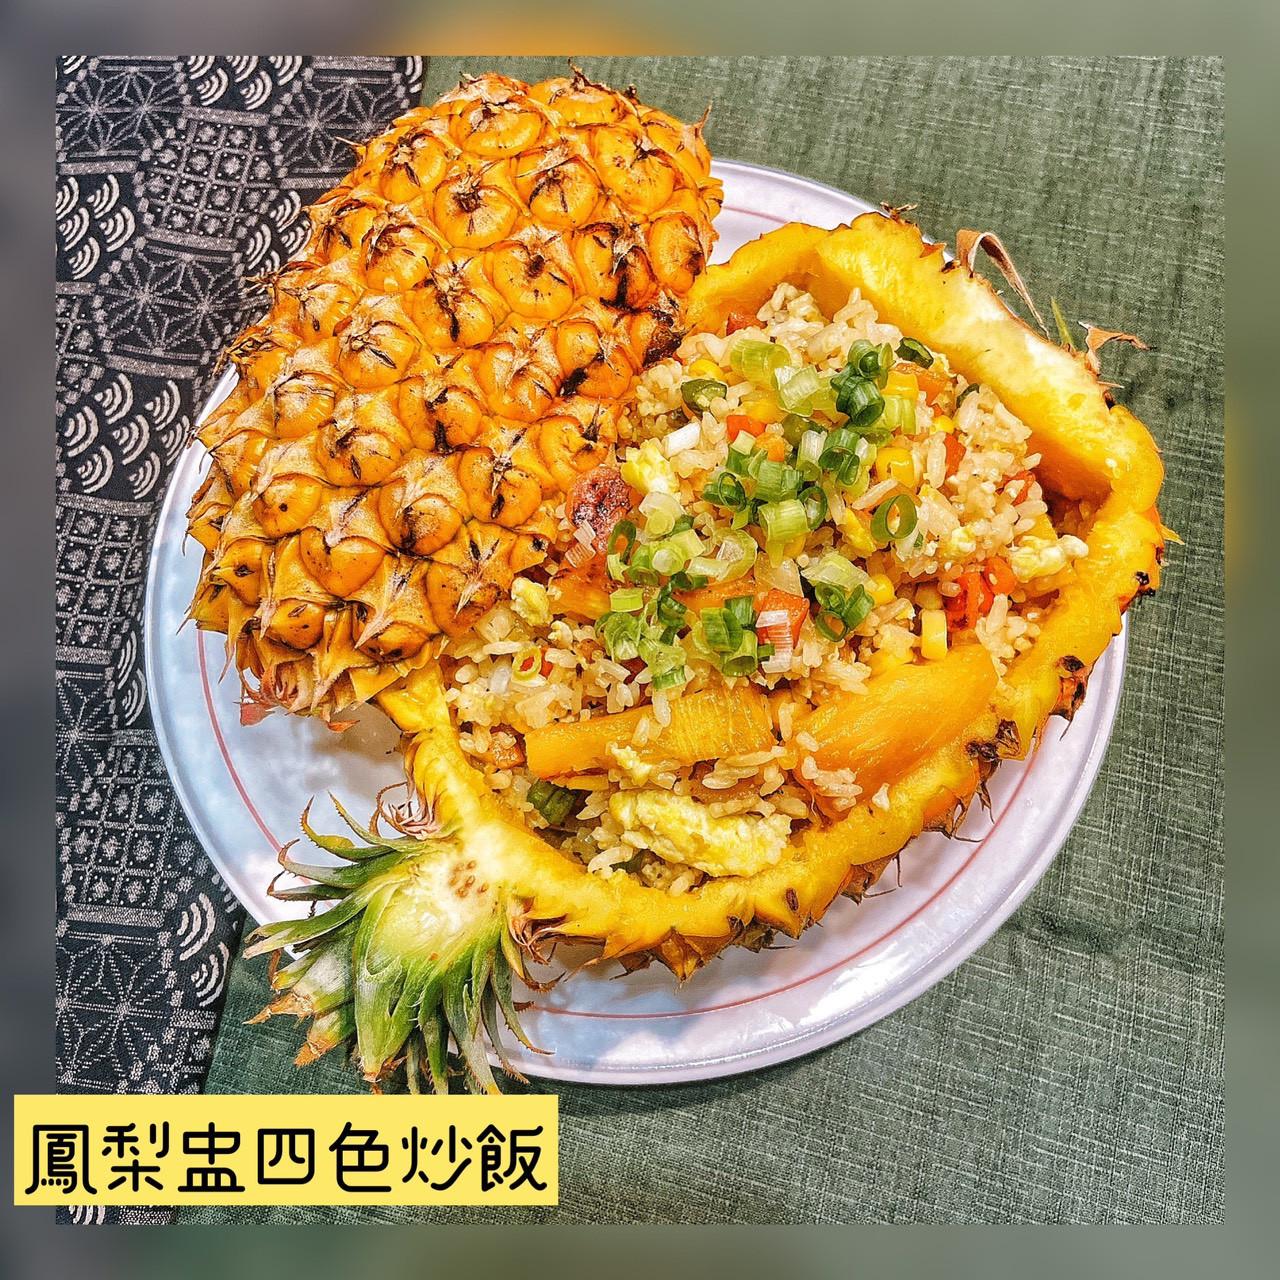 霸氣鳳梨盅四色炒飯